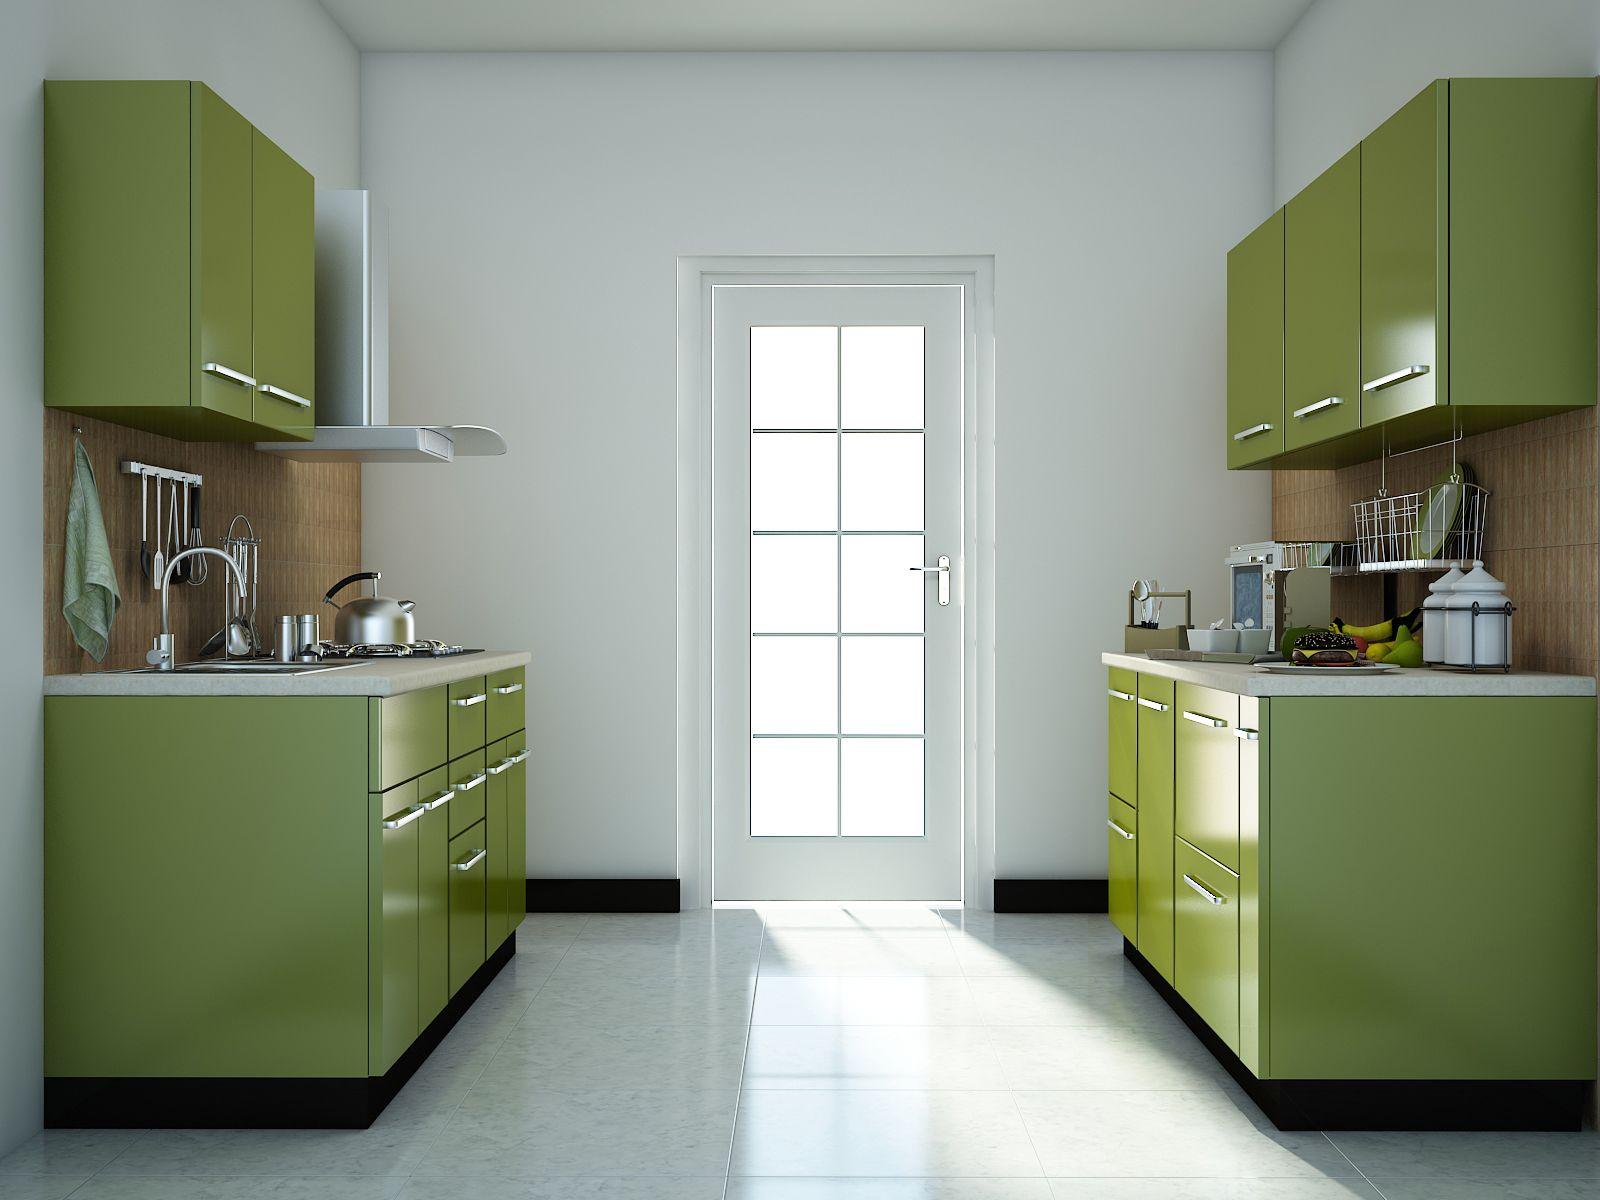 Green Modular Kitchen Designs Kitchen Remodel Layout Kitchen